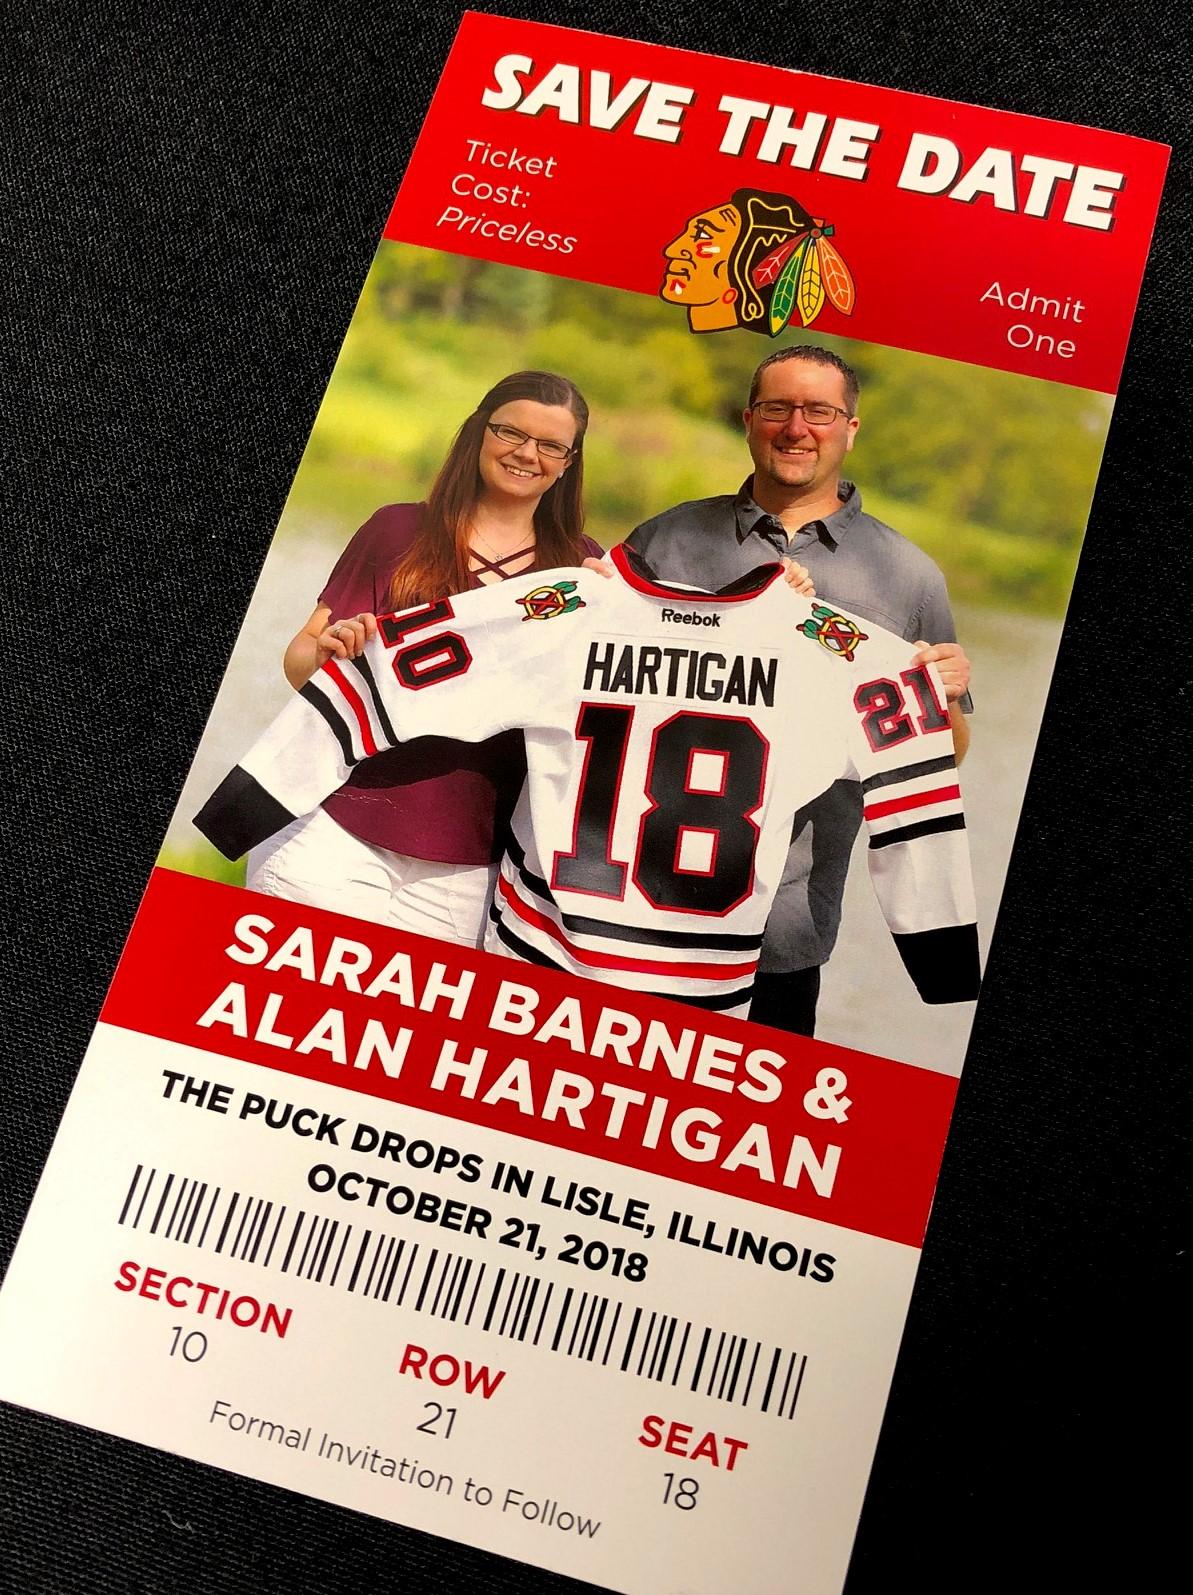 Blackhawks Sarah Barnes